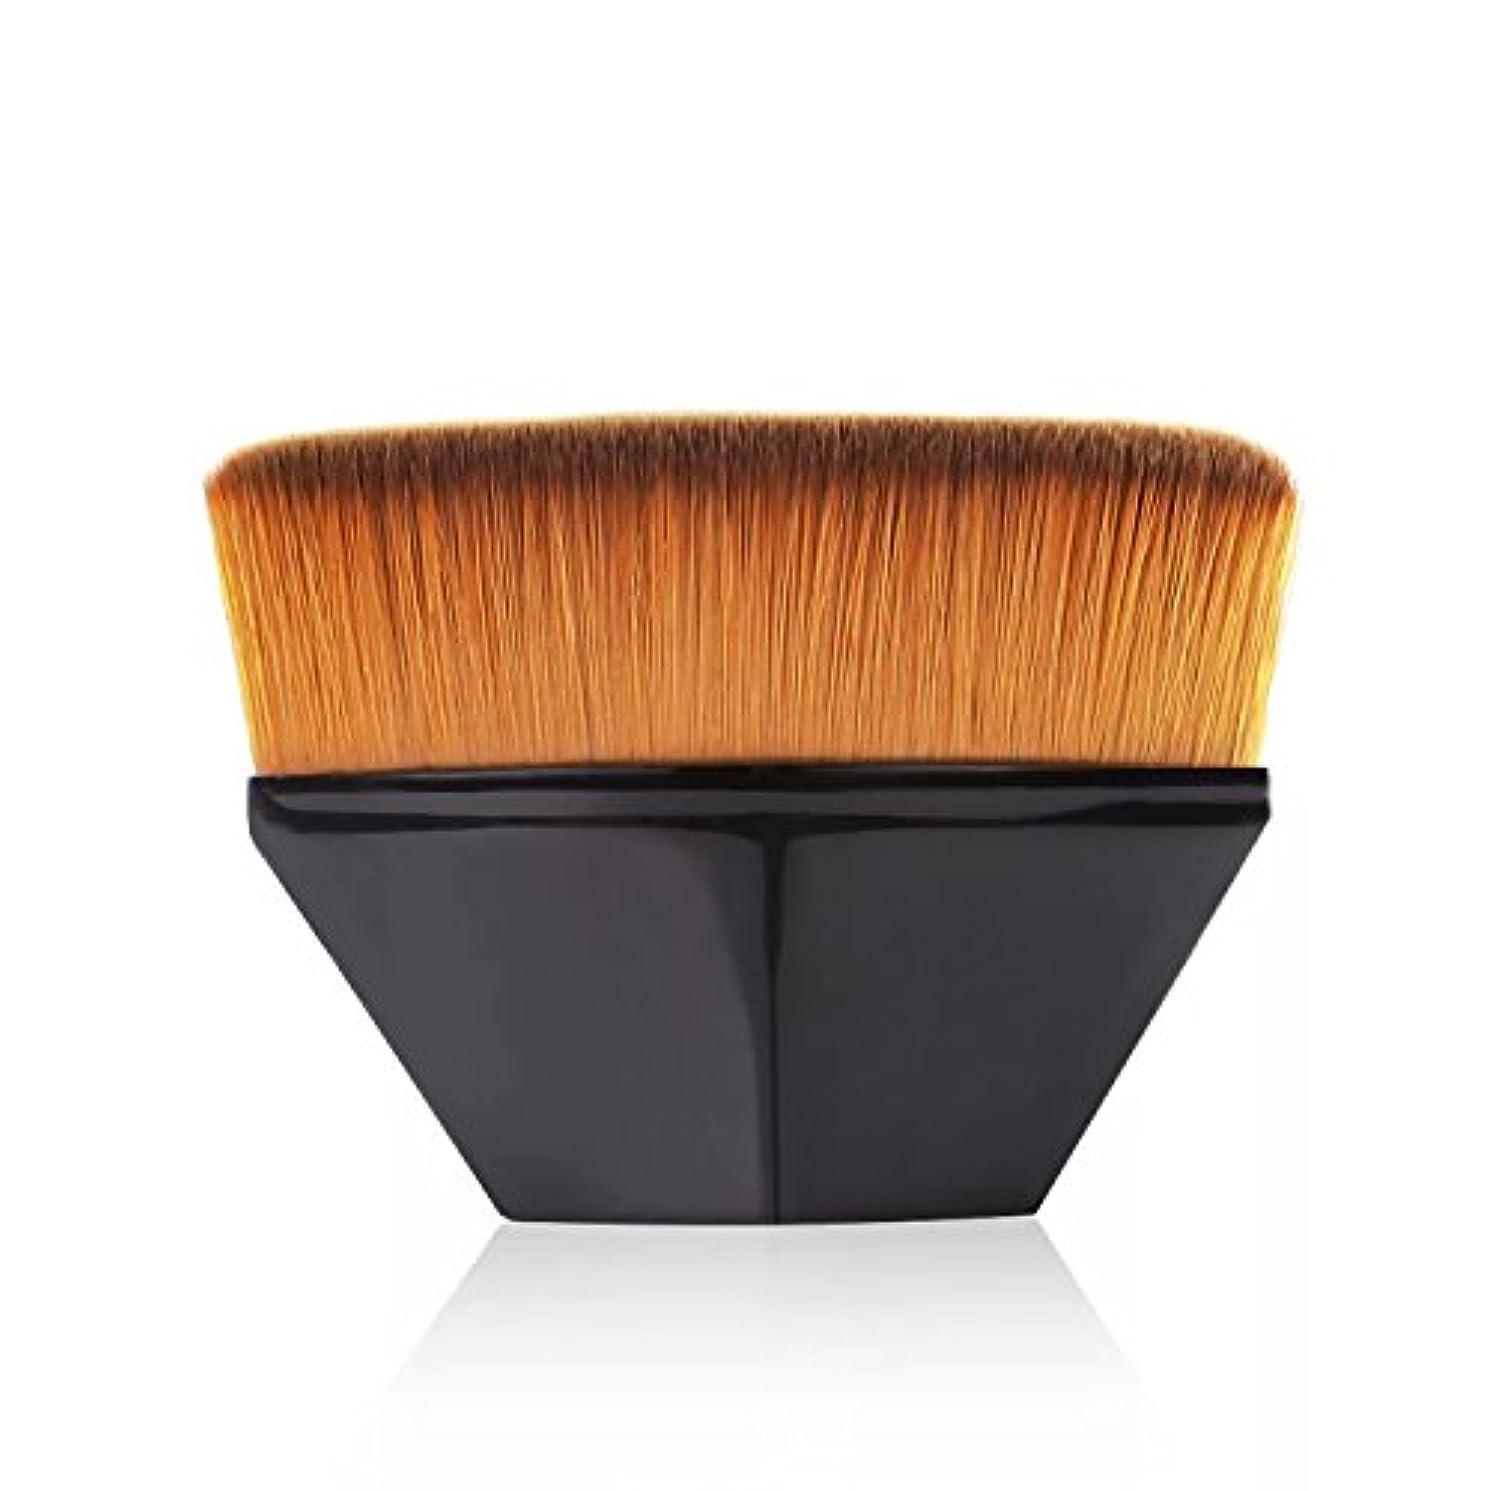 広まった控えめな強調するペタル ファンデーション ブラシ 高密度合成毛 ベース ブラシ ブラック